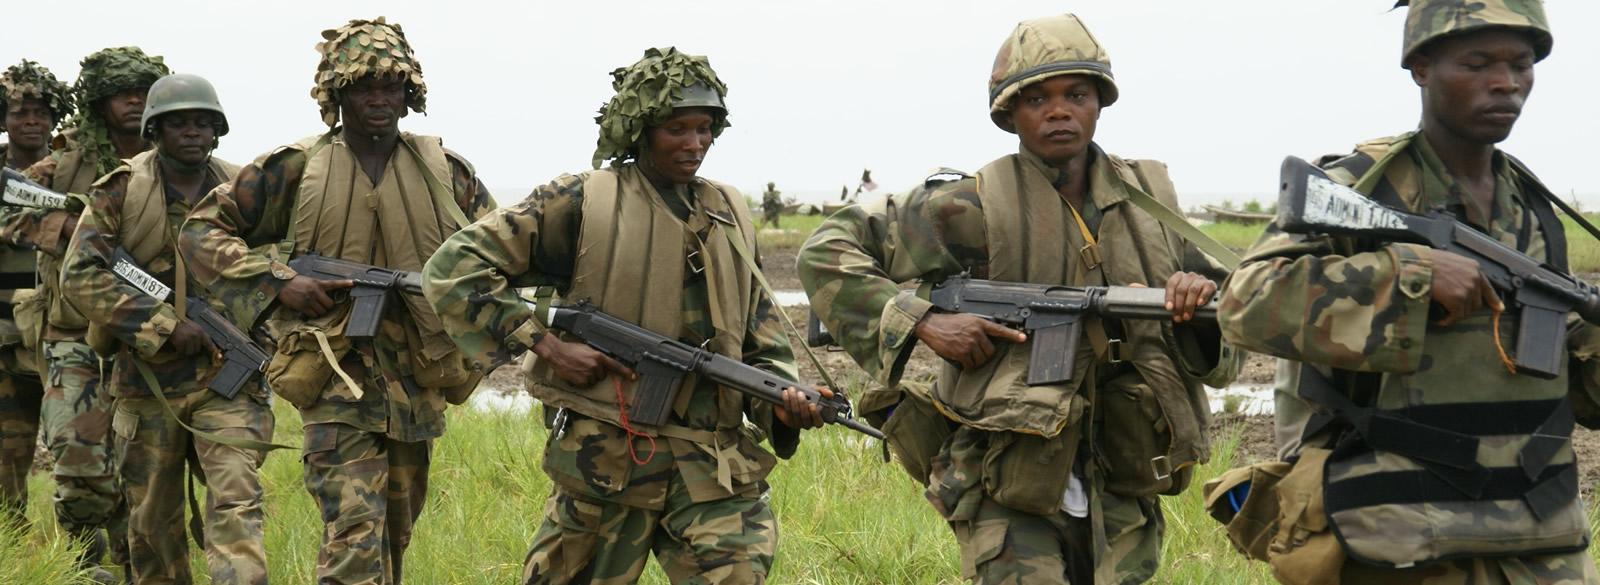 Military Updating Tactics Against Boko Haram